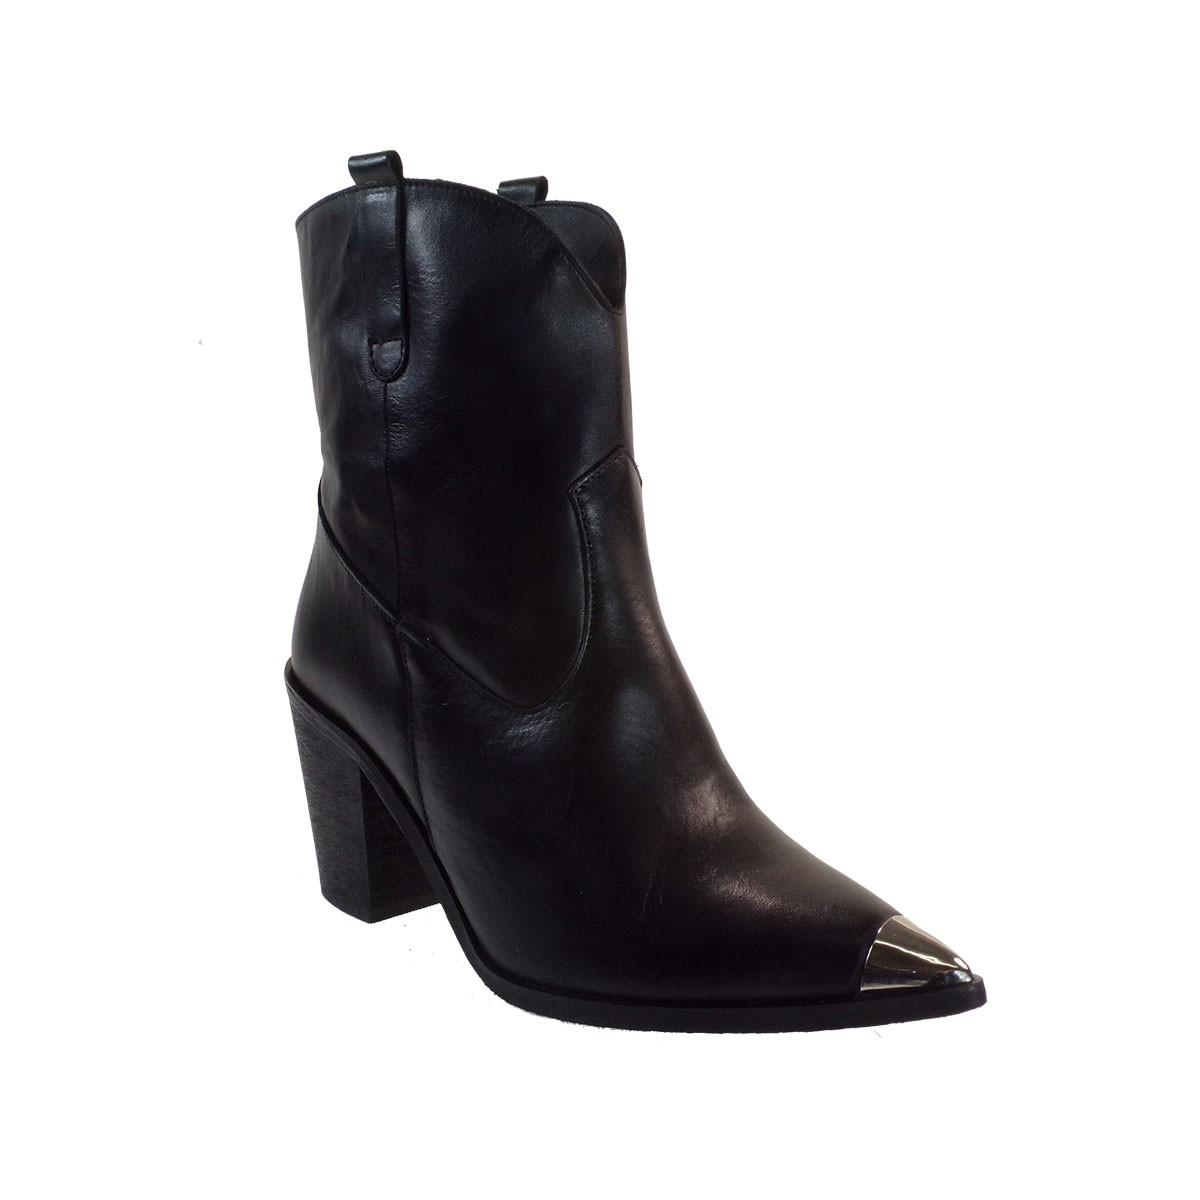 Katia Shoes (Anneto) Γυναικεία Παπούτσια Γόβες Κ122-7090 Mαύρο Δέρμα